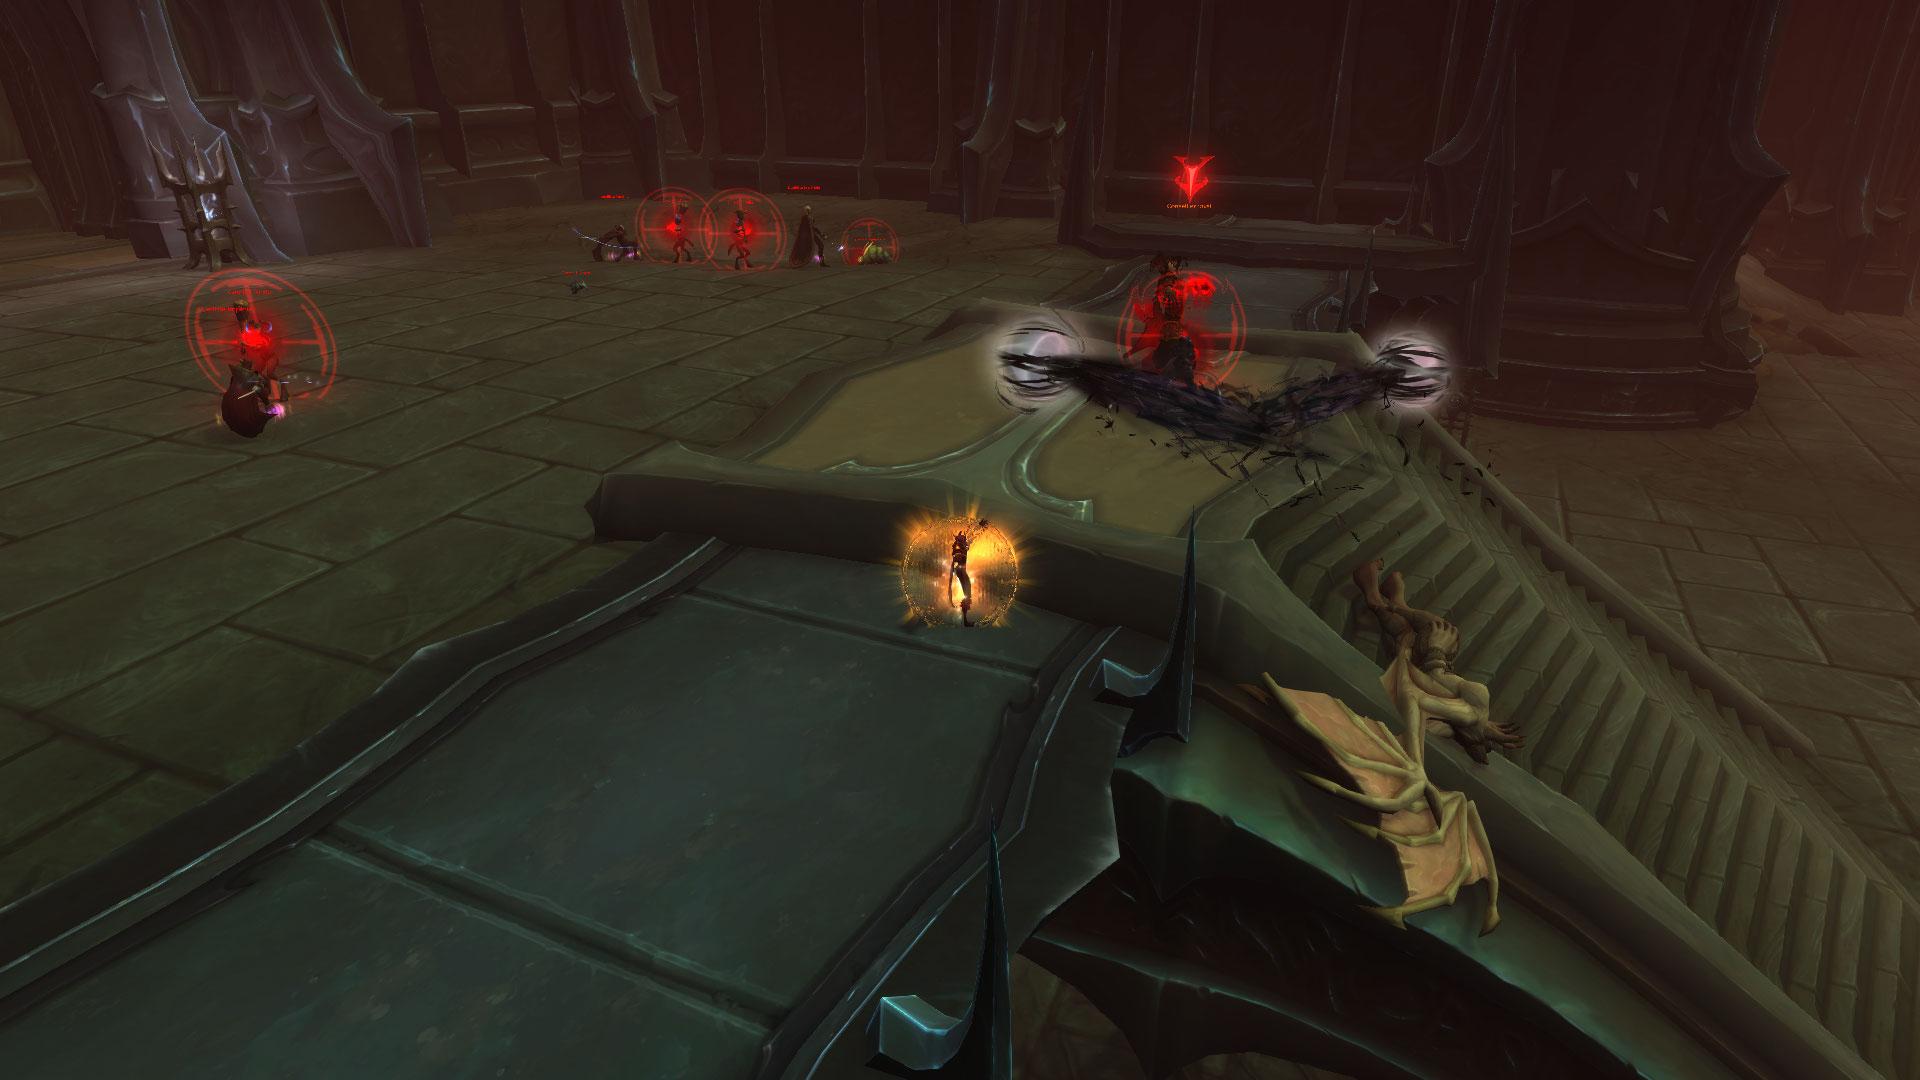 Les créatures élites peuvent faire apparaître des conduits funestes (affixe) qui infligent aux joueurs des dégâts